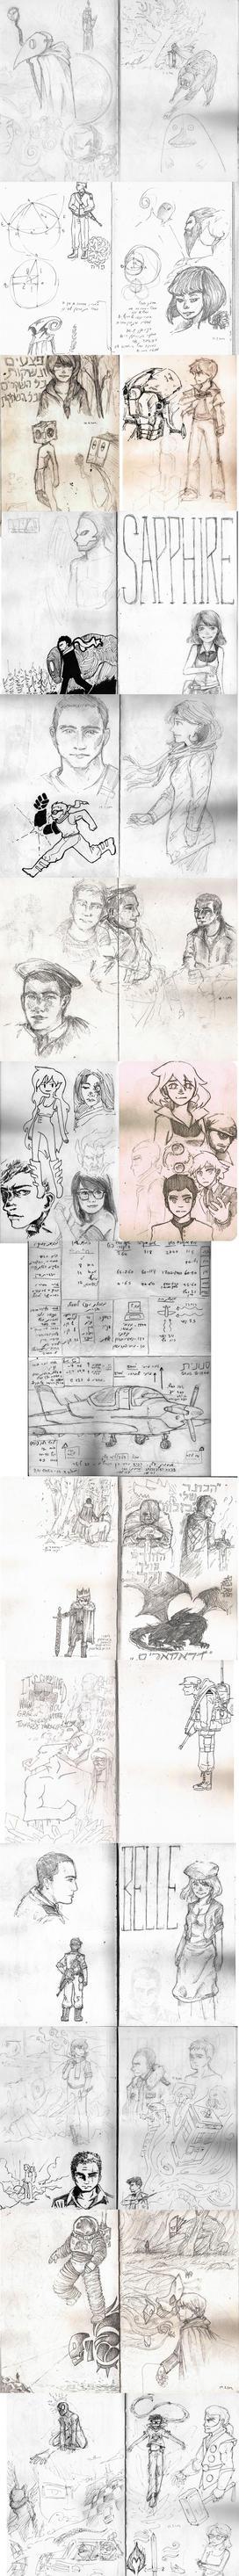 Army sketchbook by land-walker